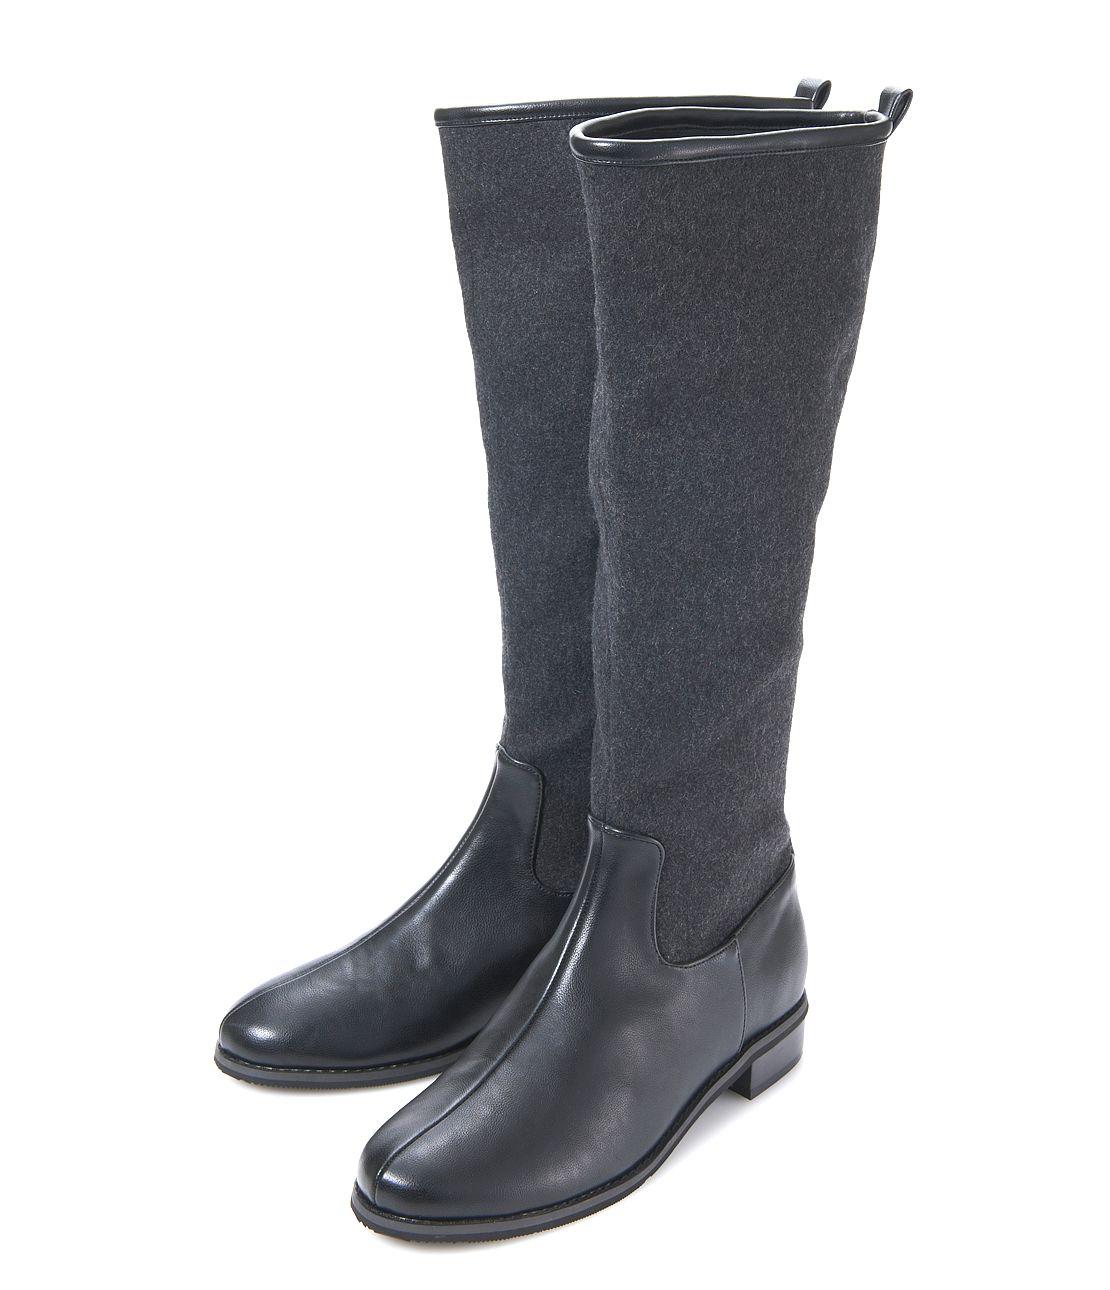 Jockey boots